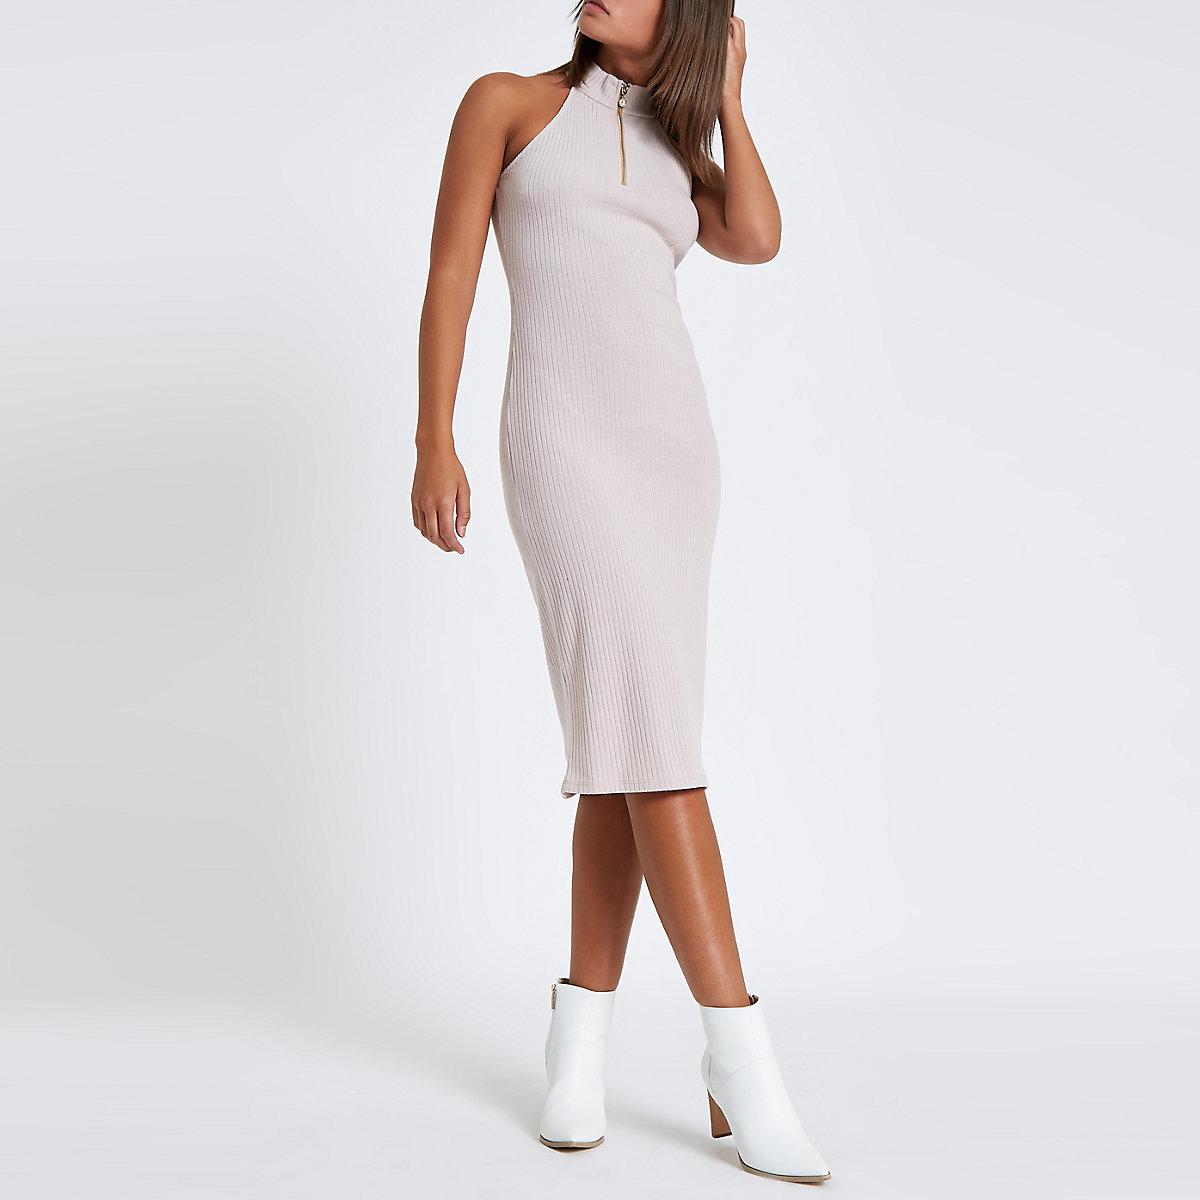 Beige halter neck zip mini bodycon dress